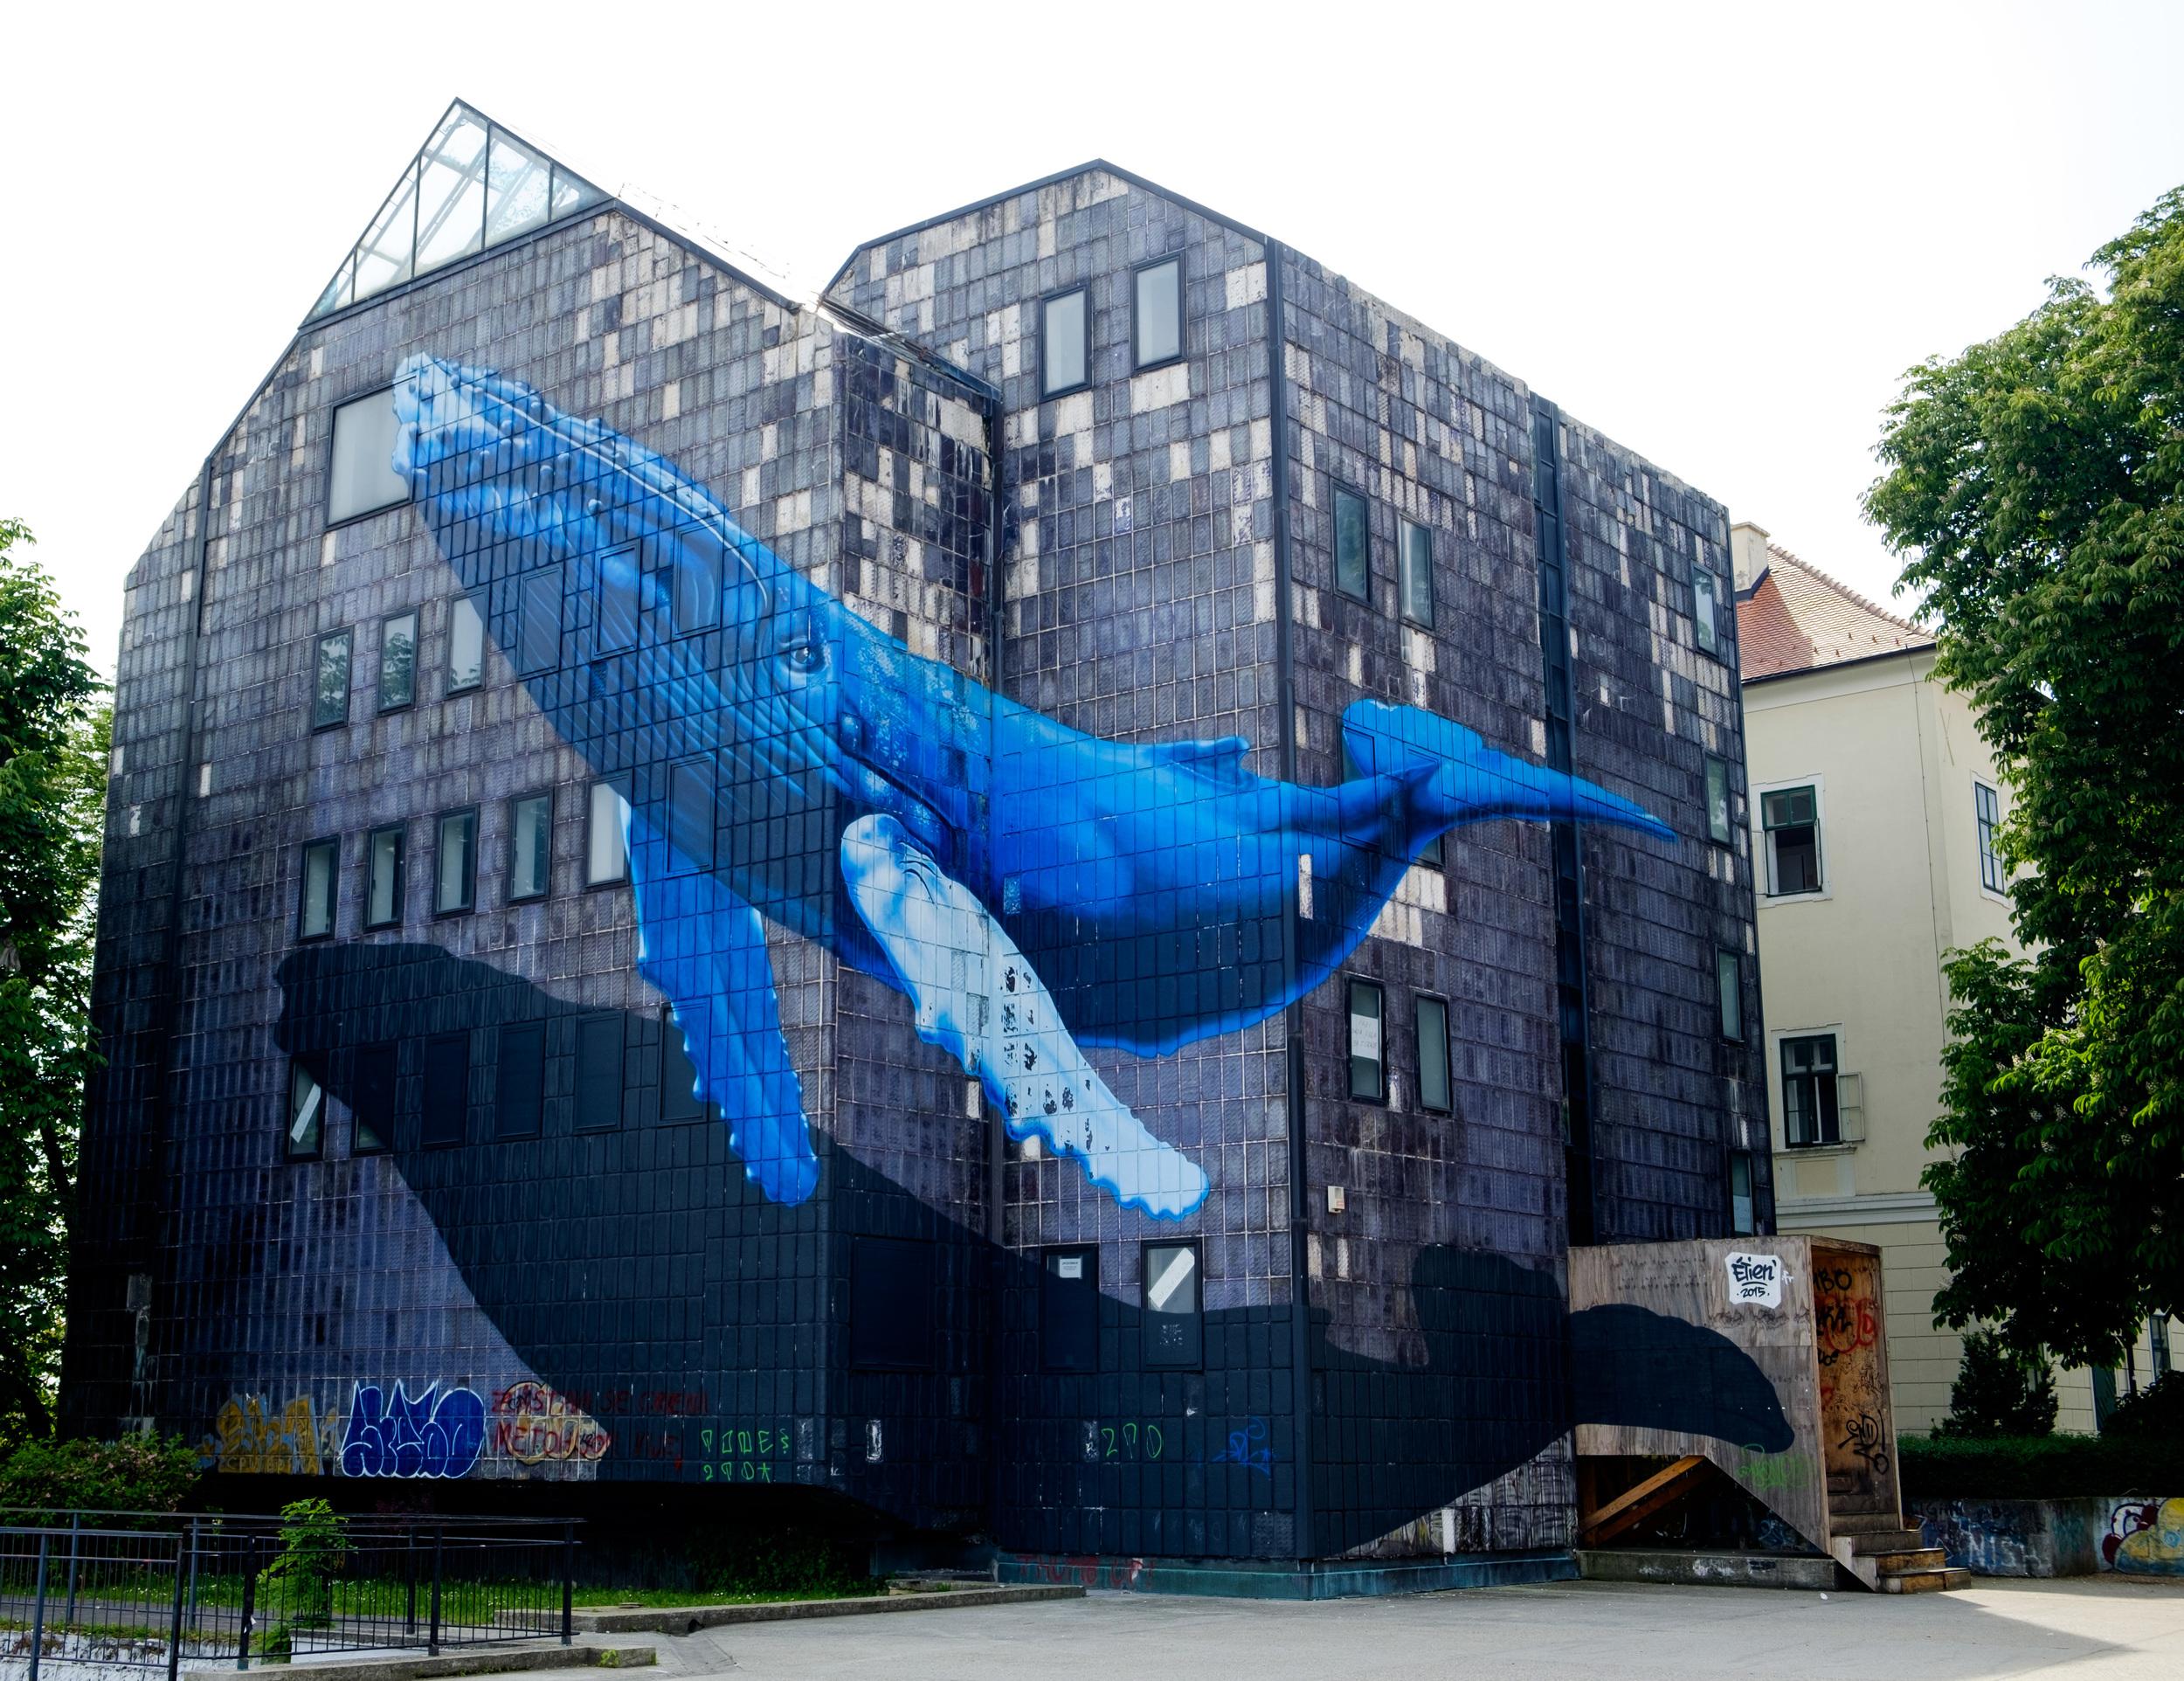 Zagreb est aussi une ville où les graffitis sont omniprésents. Et certains sont incroyablement réussis!